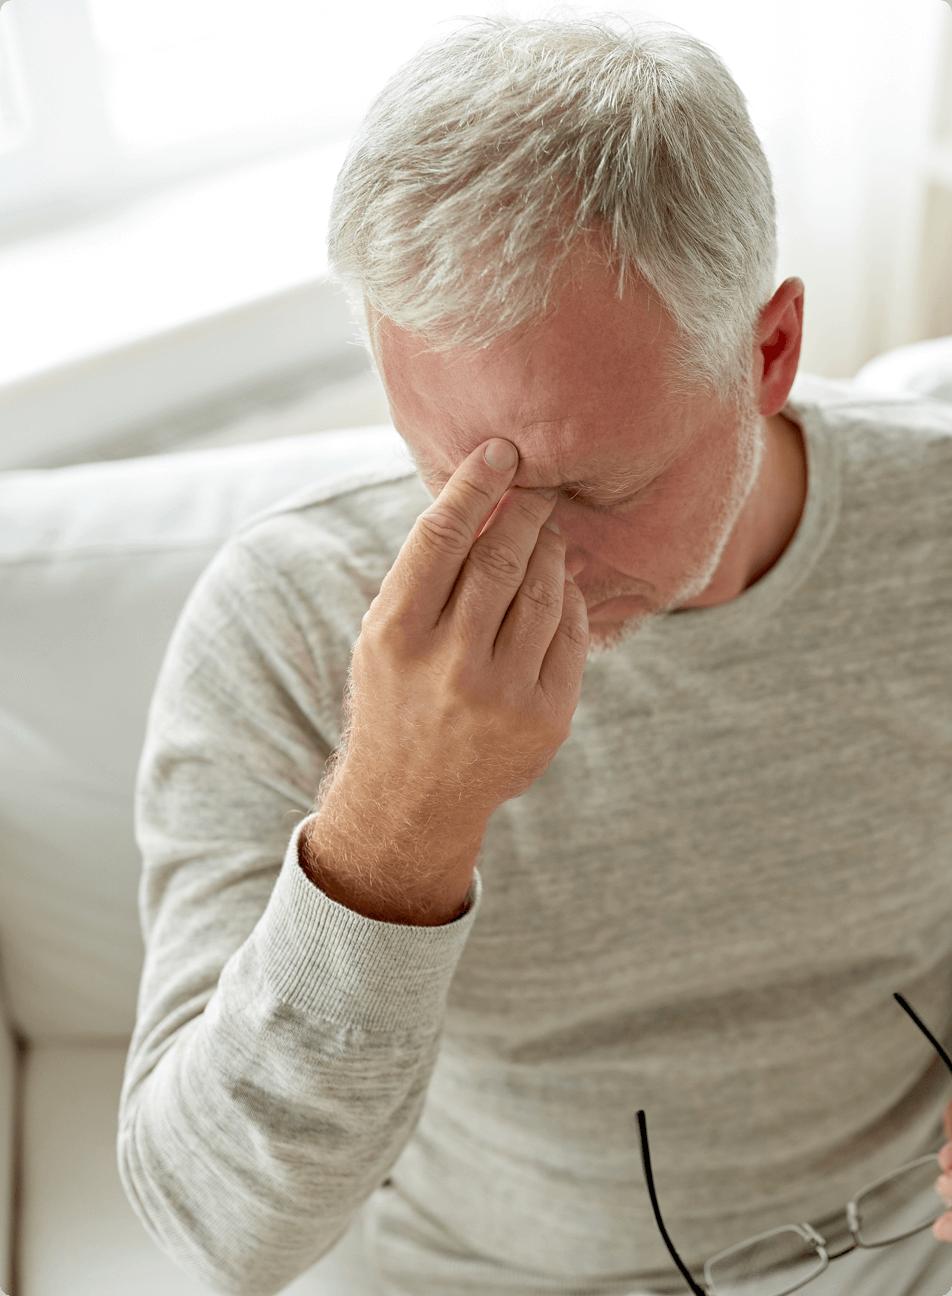 Cuidar de alguien está afectando tu salud